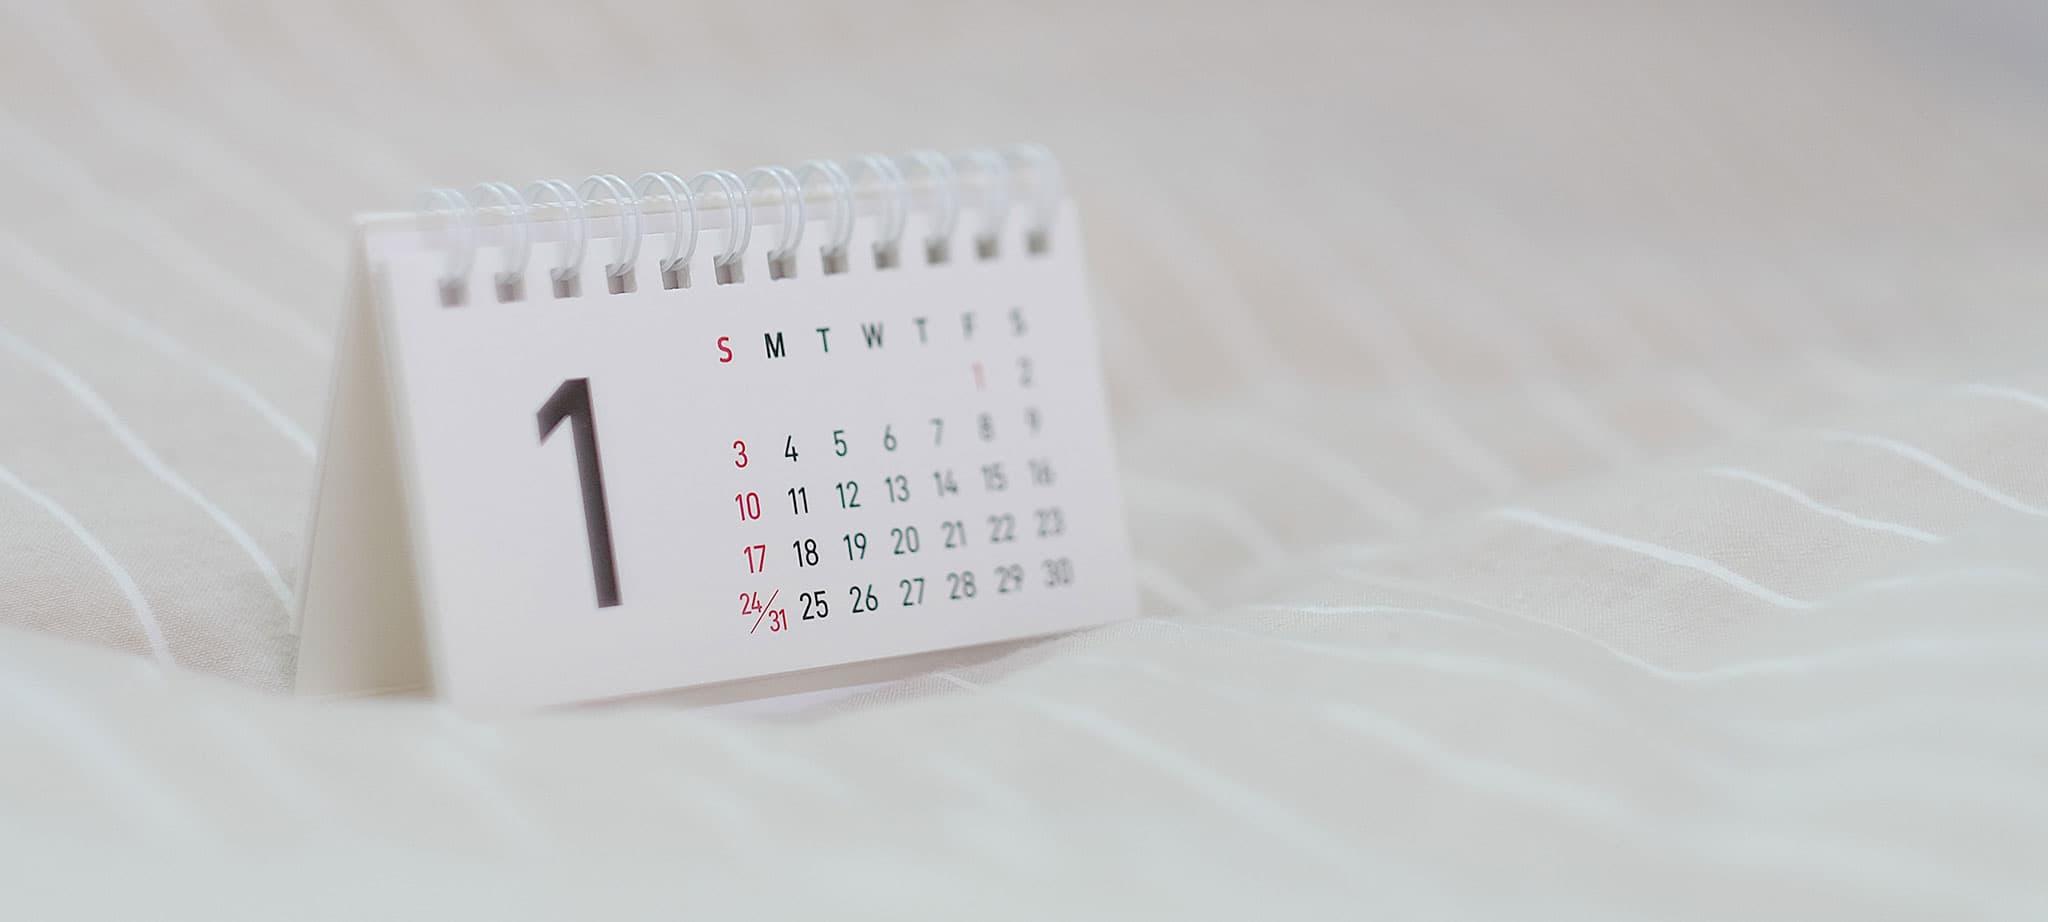 準備日文檢定的小知識:日本七夕不是過農曆?